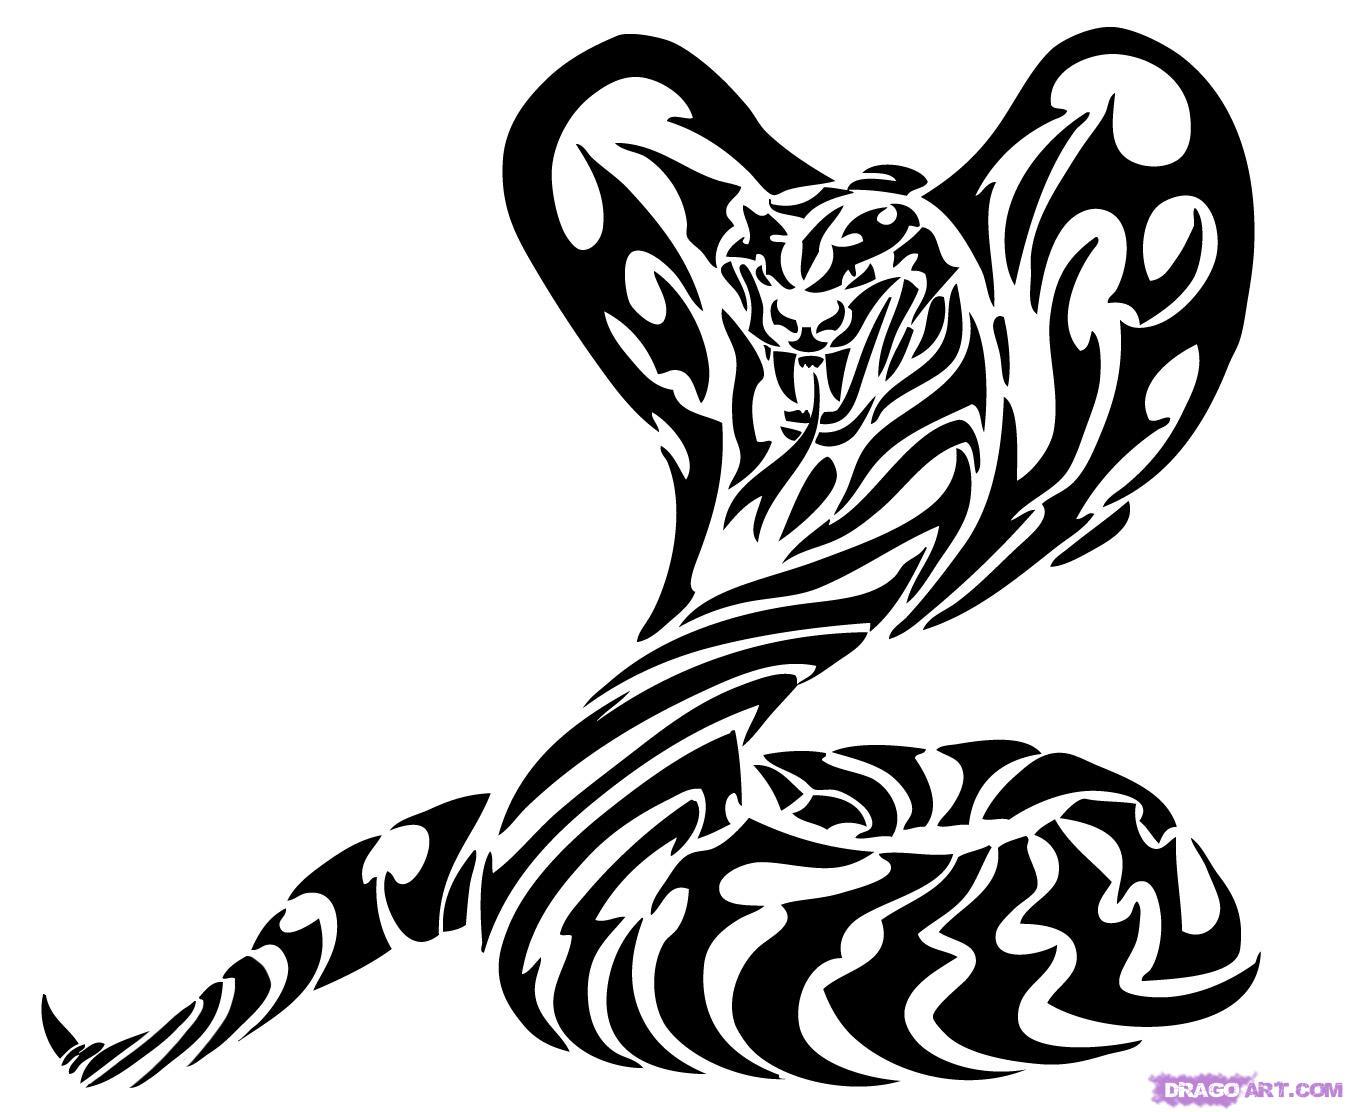 Rattlesnake clipart tribal #13